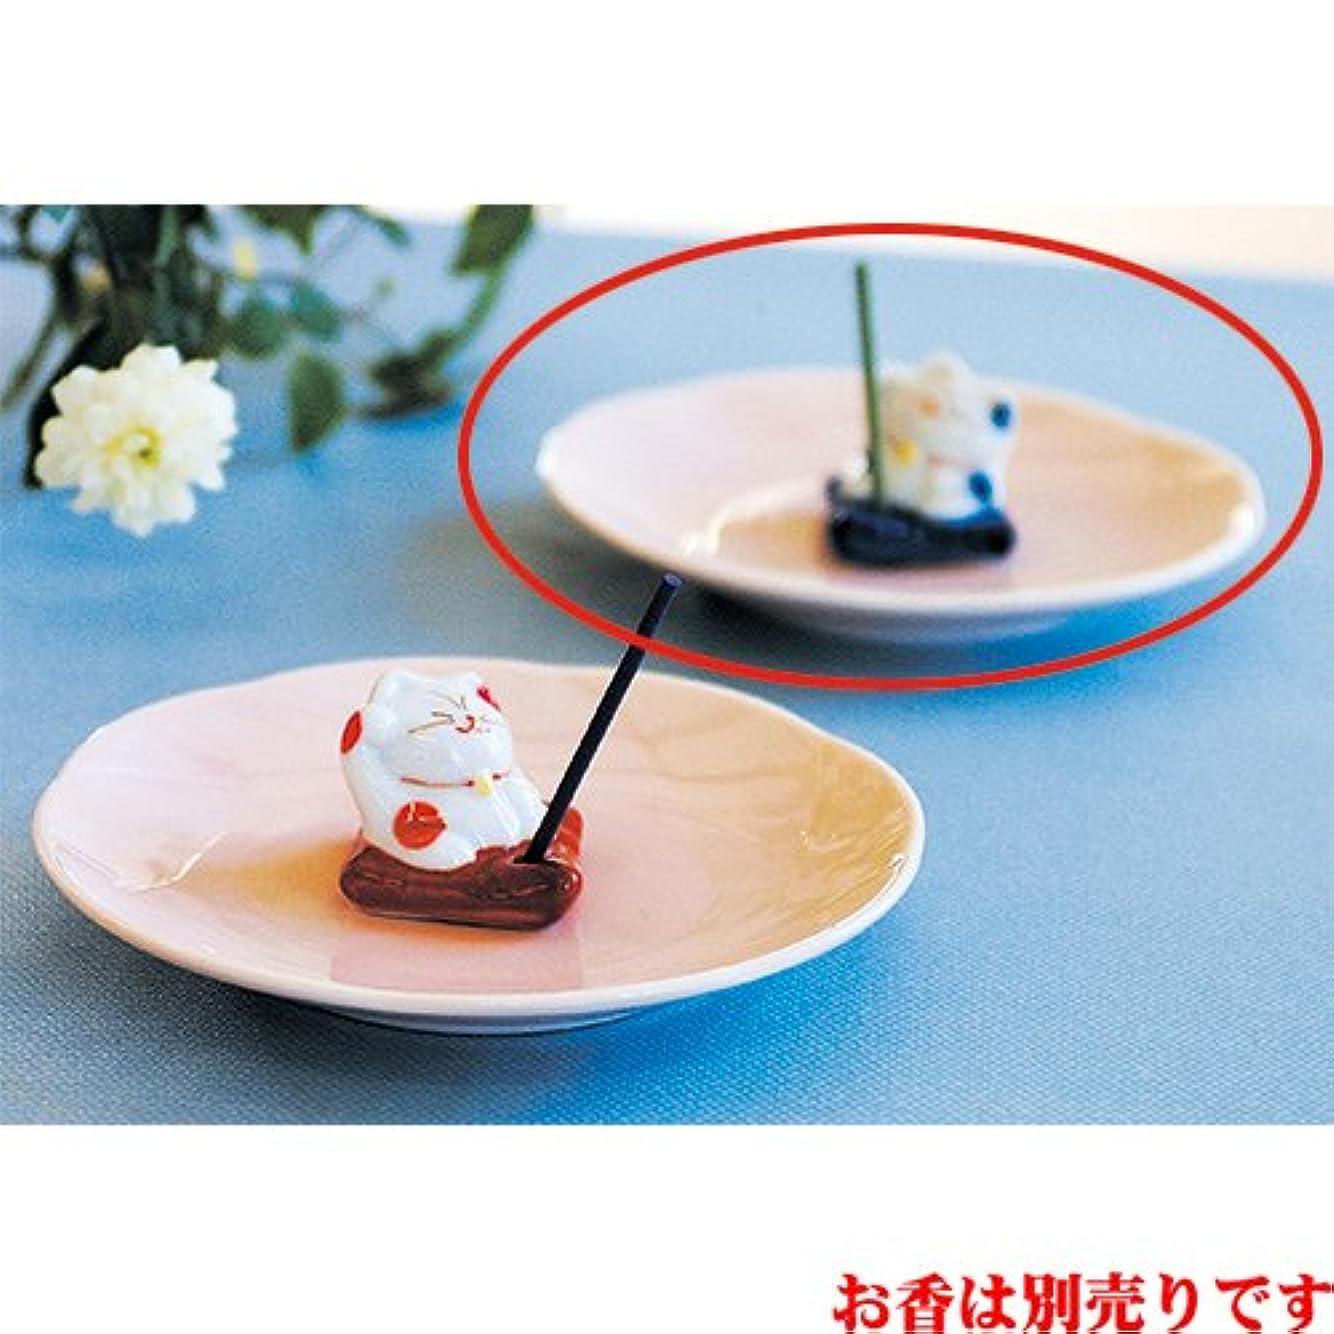 メロディー武装解除行為香皿 ザブトンネコ 香皿 ブルー [R12.5xH4cm] プレゼント ギフト 和食器 かわいい インテリア